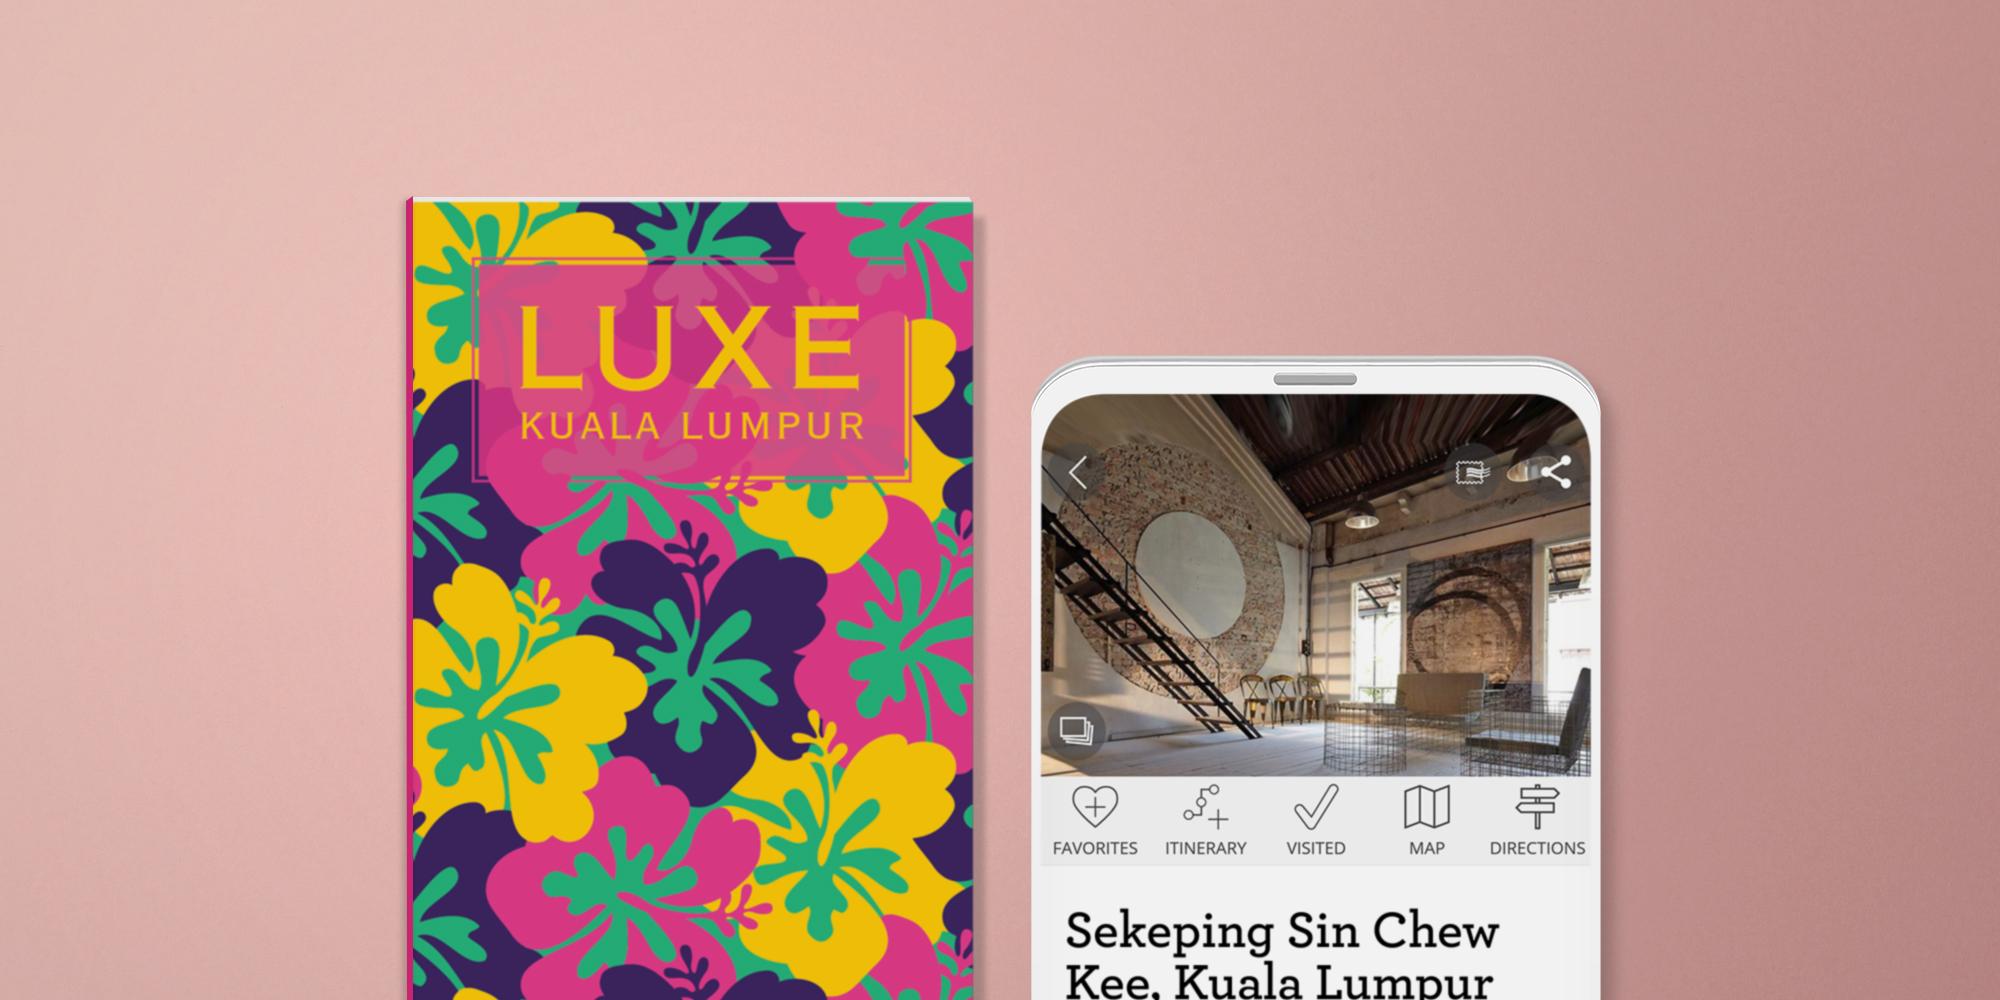 Kuala Lumpur print guide and digital guide